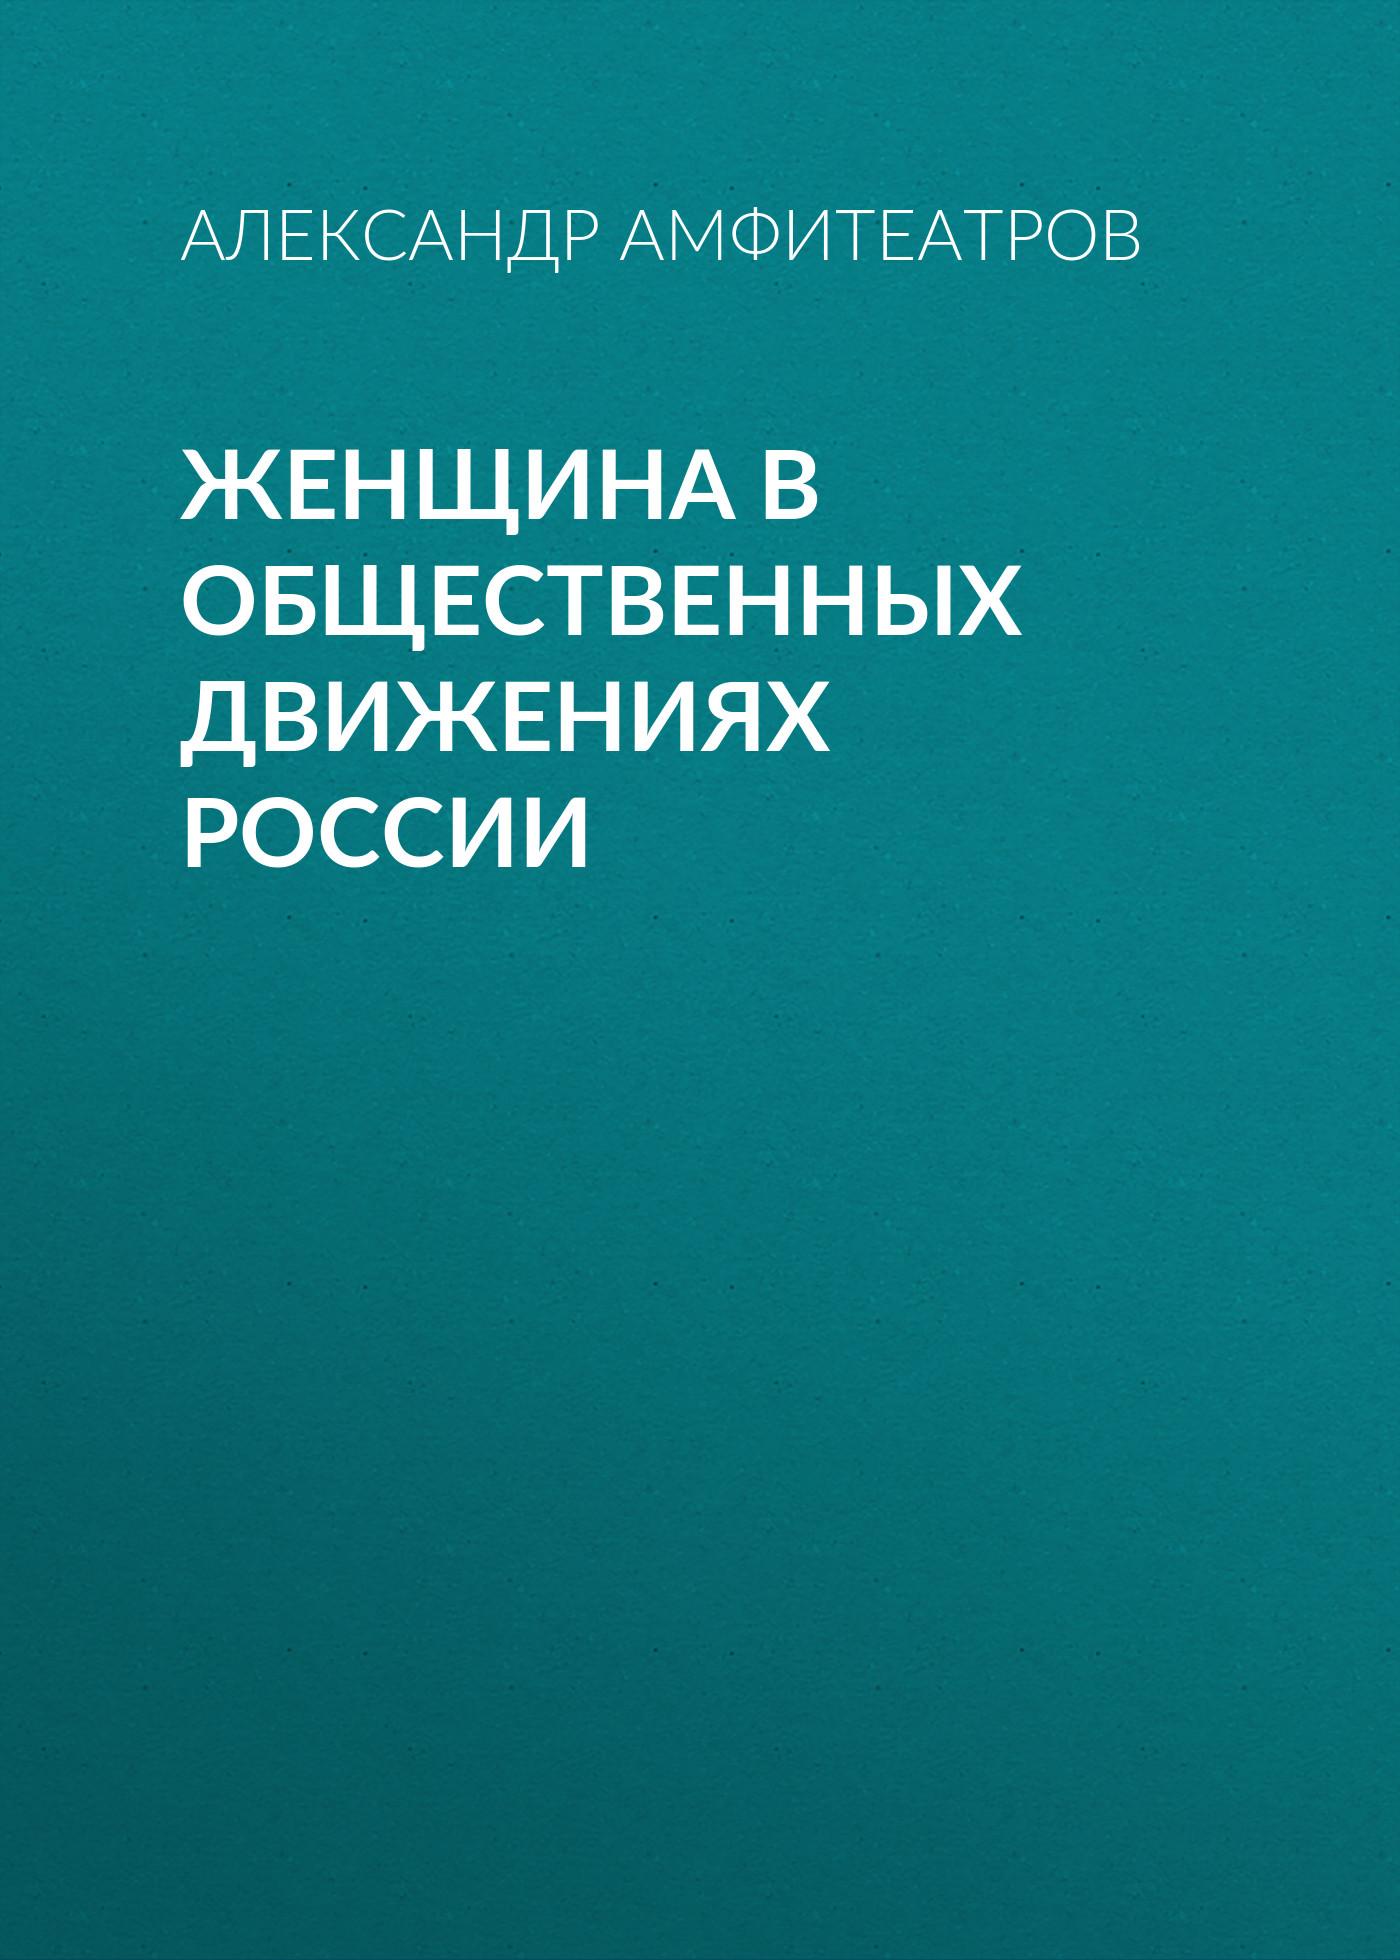 Женщина в общественных движениях России